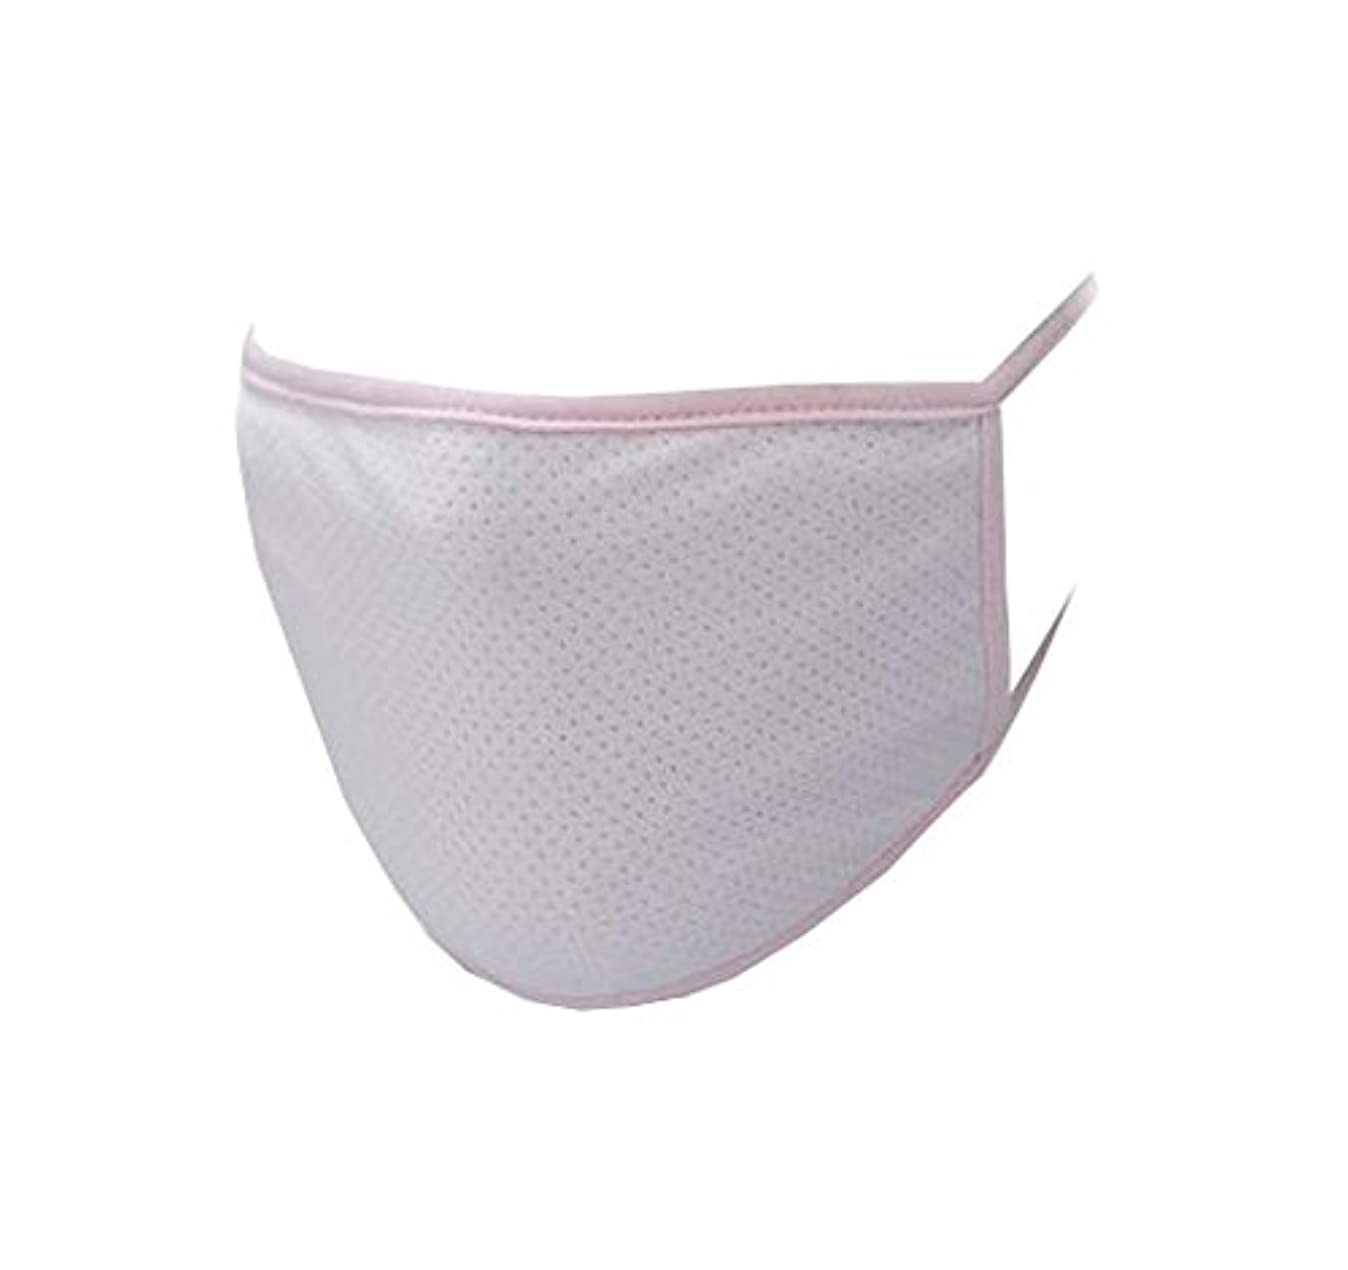 好意にぎやかローラー口マスク、再使用可能フィルター - 埃、花粉、アレルゲン、抗UV、およびインフルエンザ菌 - D